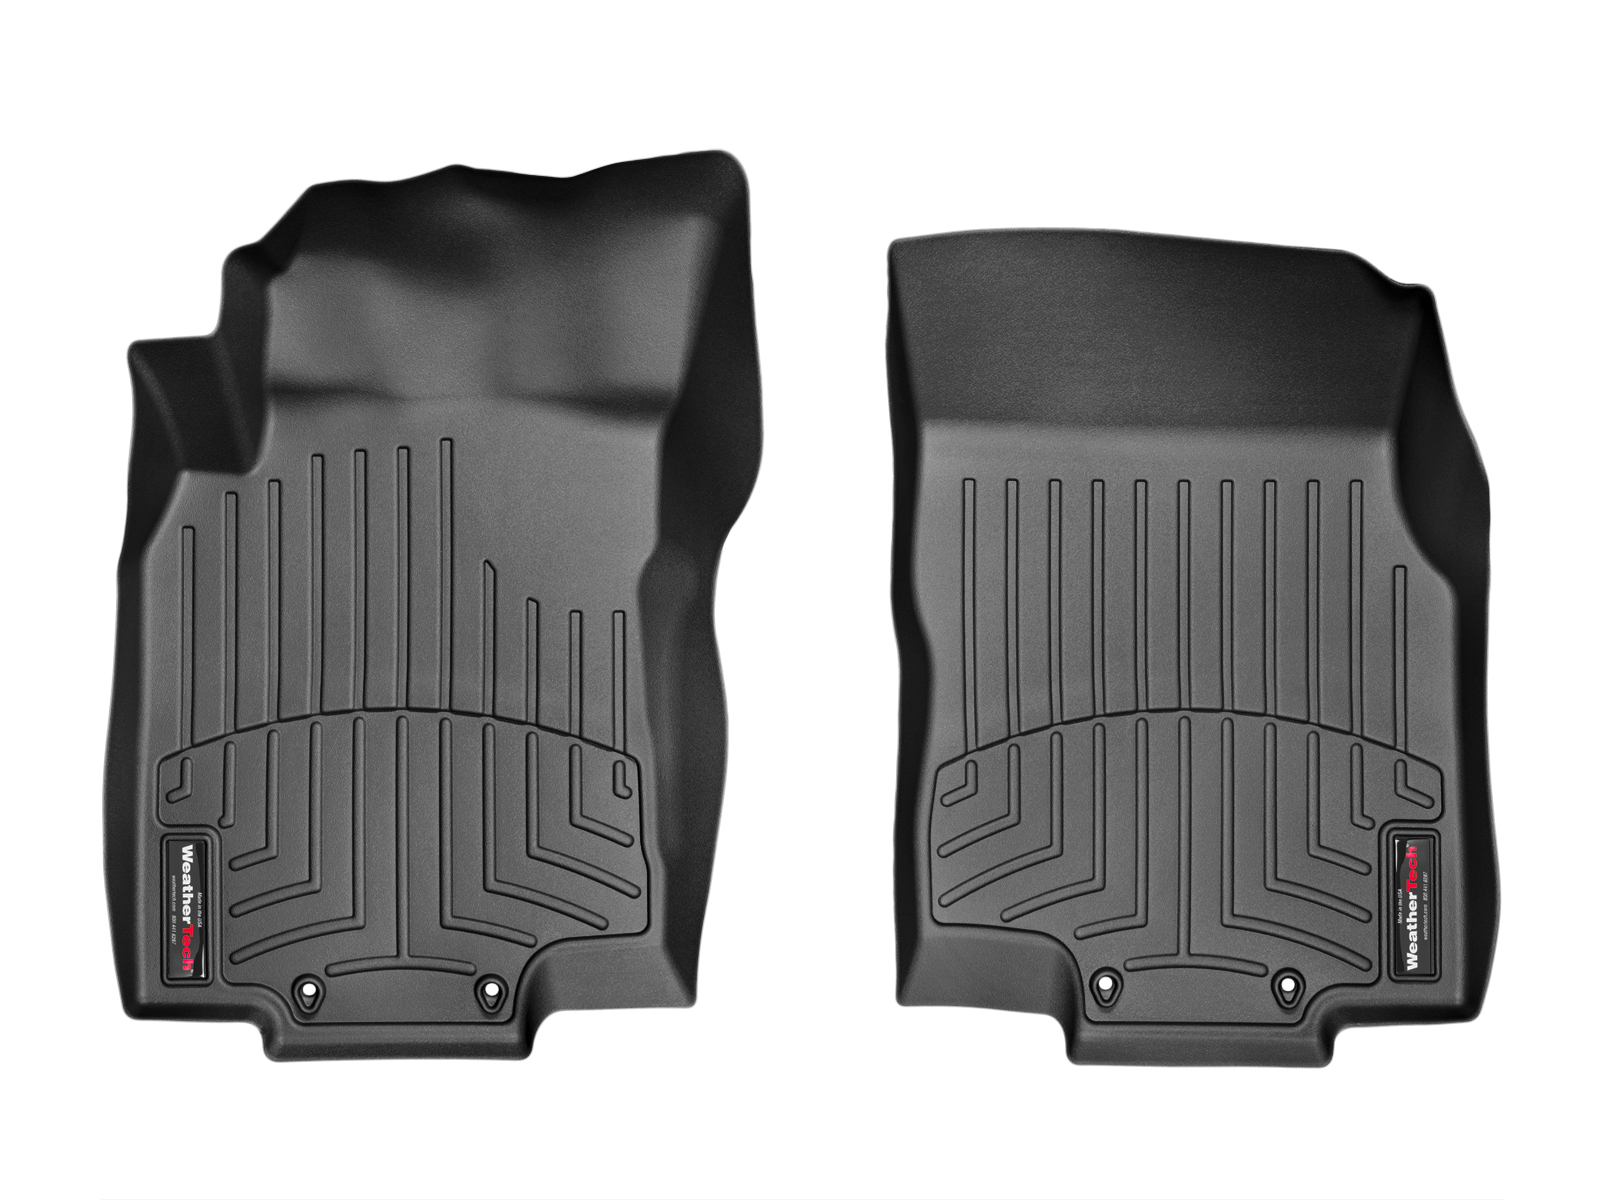 Tappeti gomma su misura bordo alto Nissan X-Trail 15>17 Nero A2943